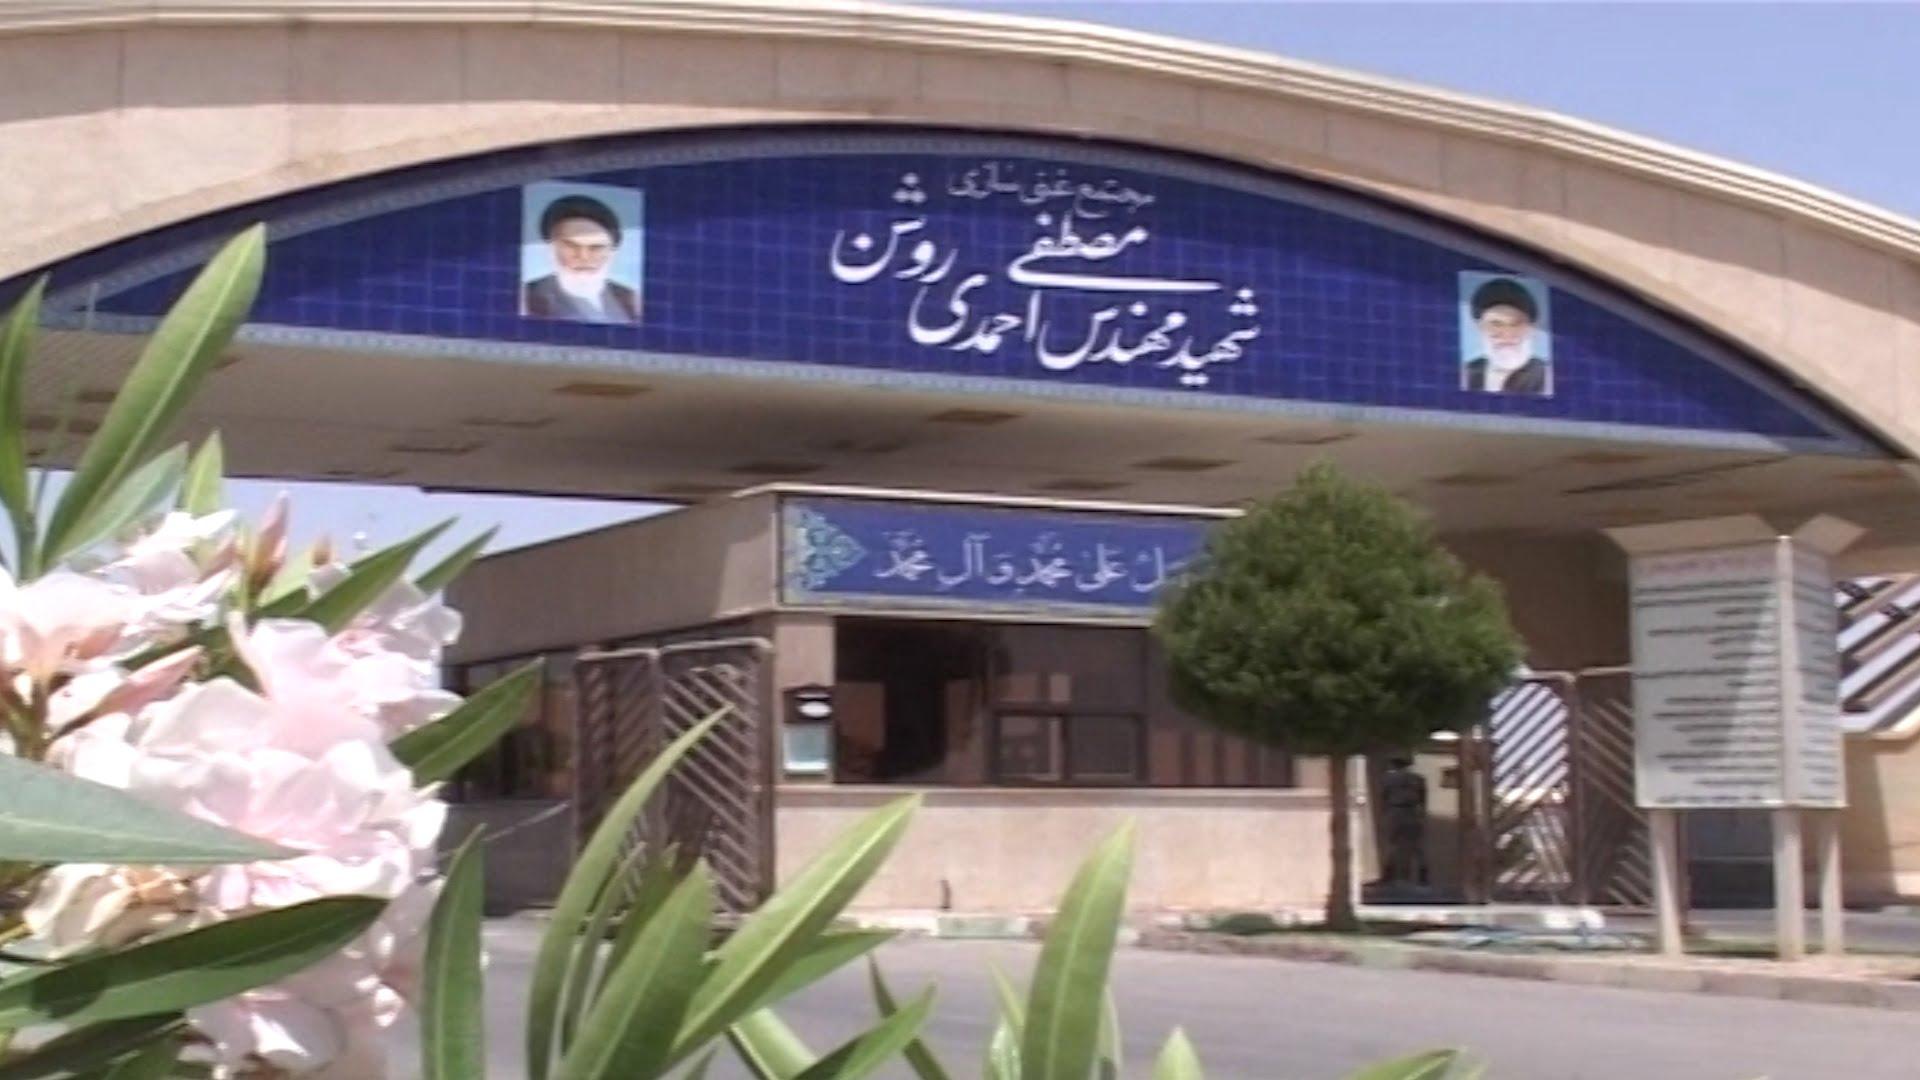 شناسایی هویت عامل اختلال در سیستم برق مجتمع شهید احمدی روشن